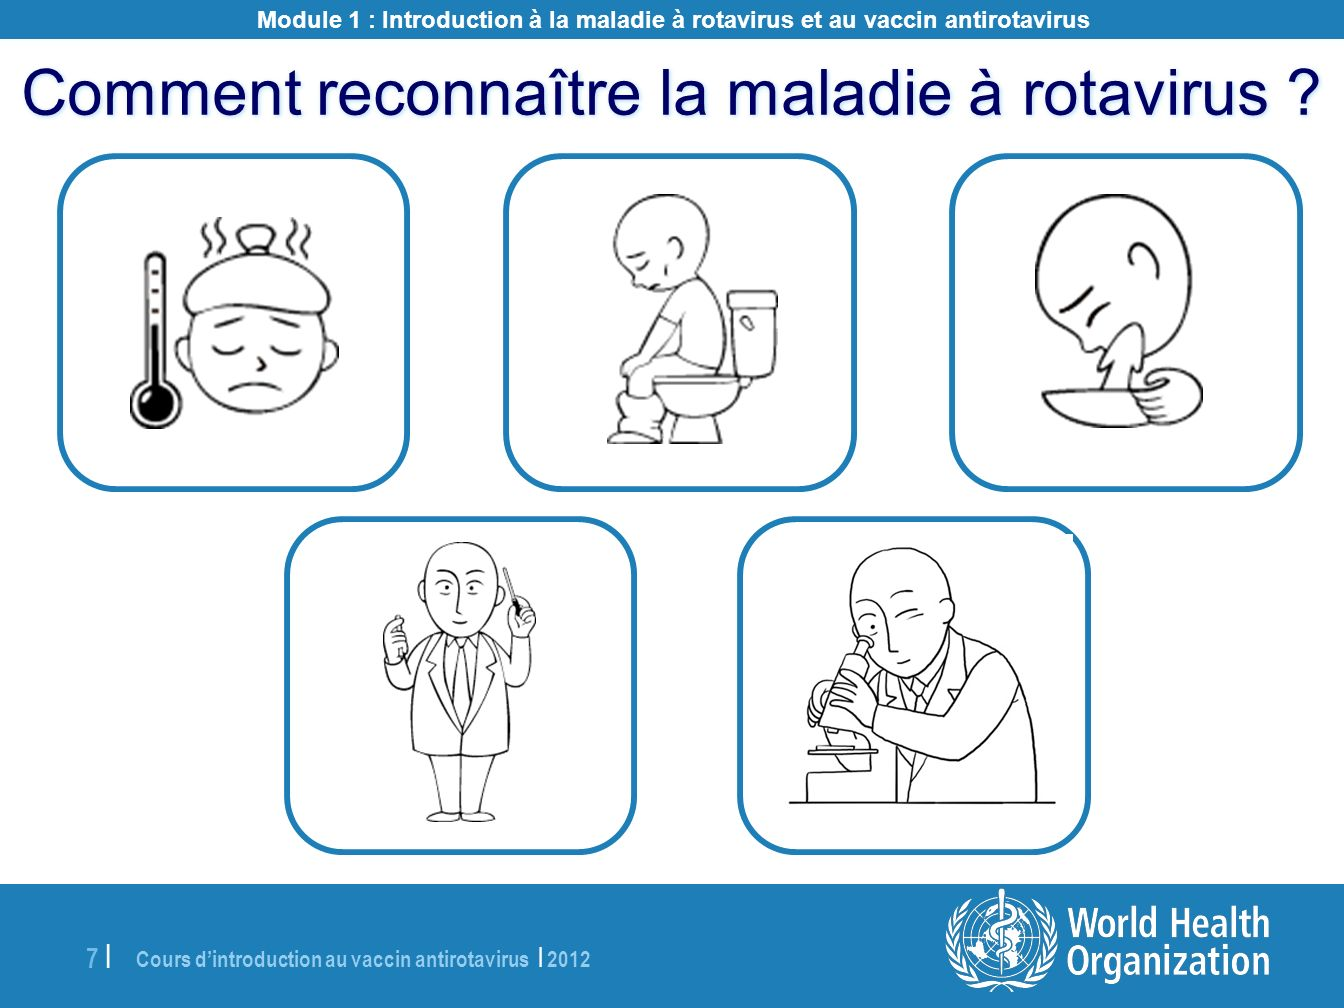 Cours dintroduction au vaccin antirotavirus | 2012 18 | À lattention de lanimateur : Demandez aux participants de répondre à la question ci-dessus, puis donnez-leur les informations suivantes et indiquez-leur les messages clés.